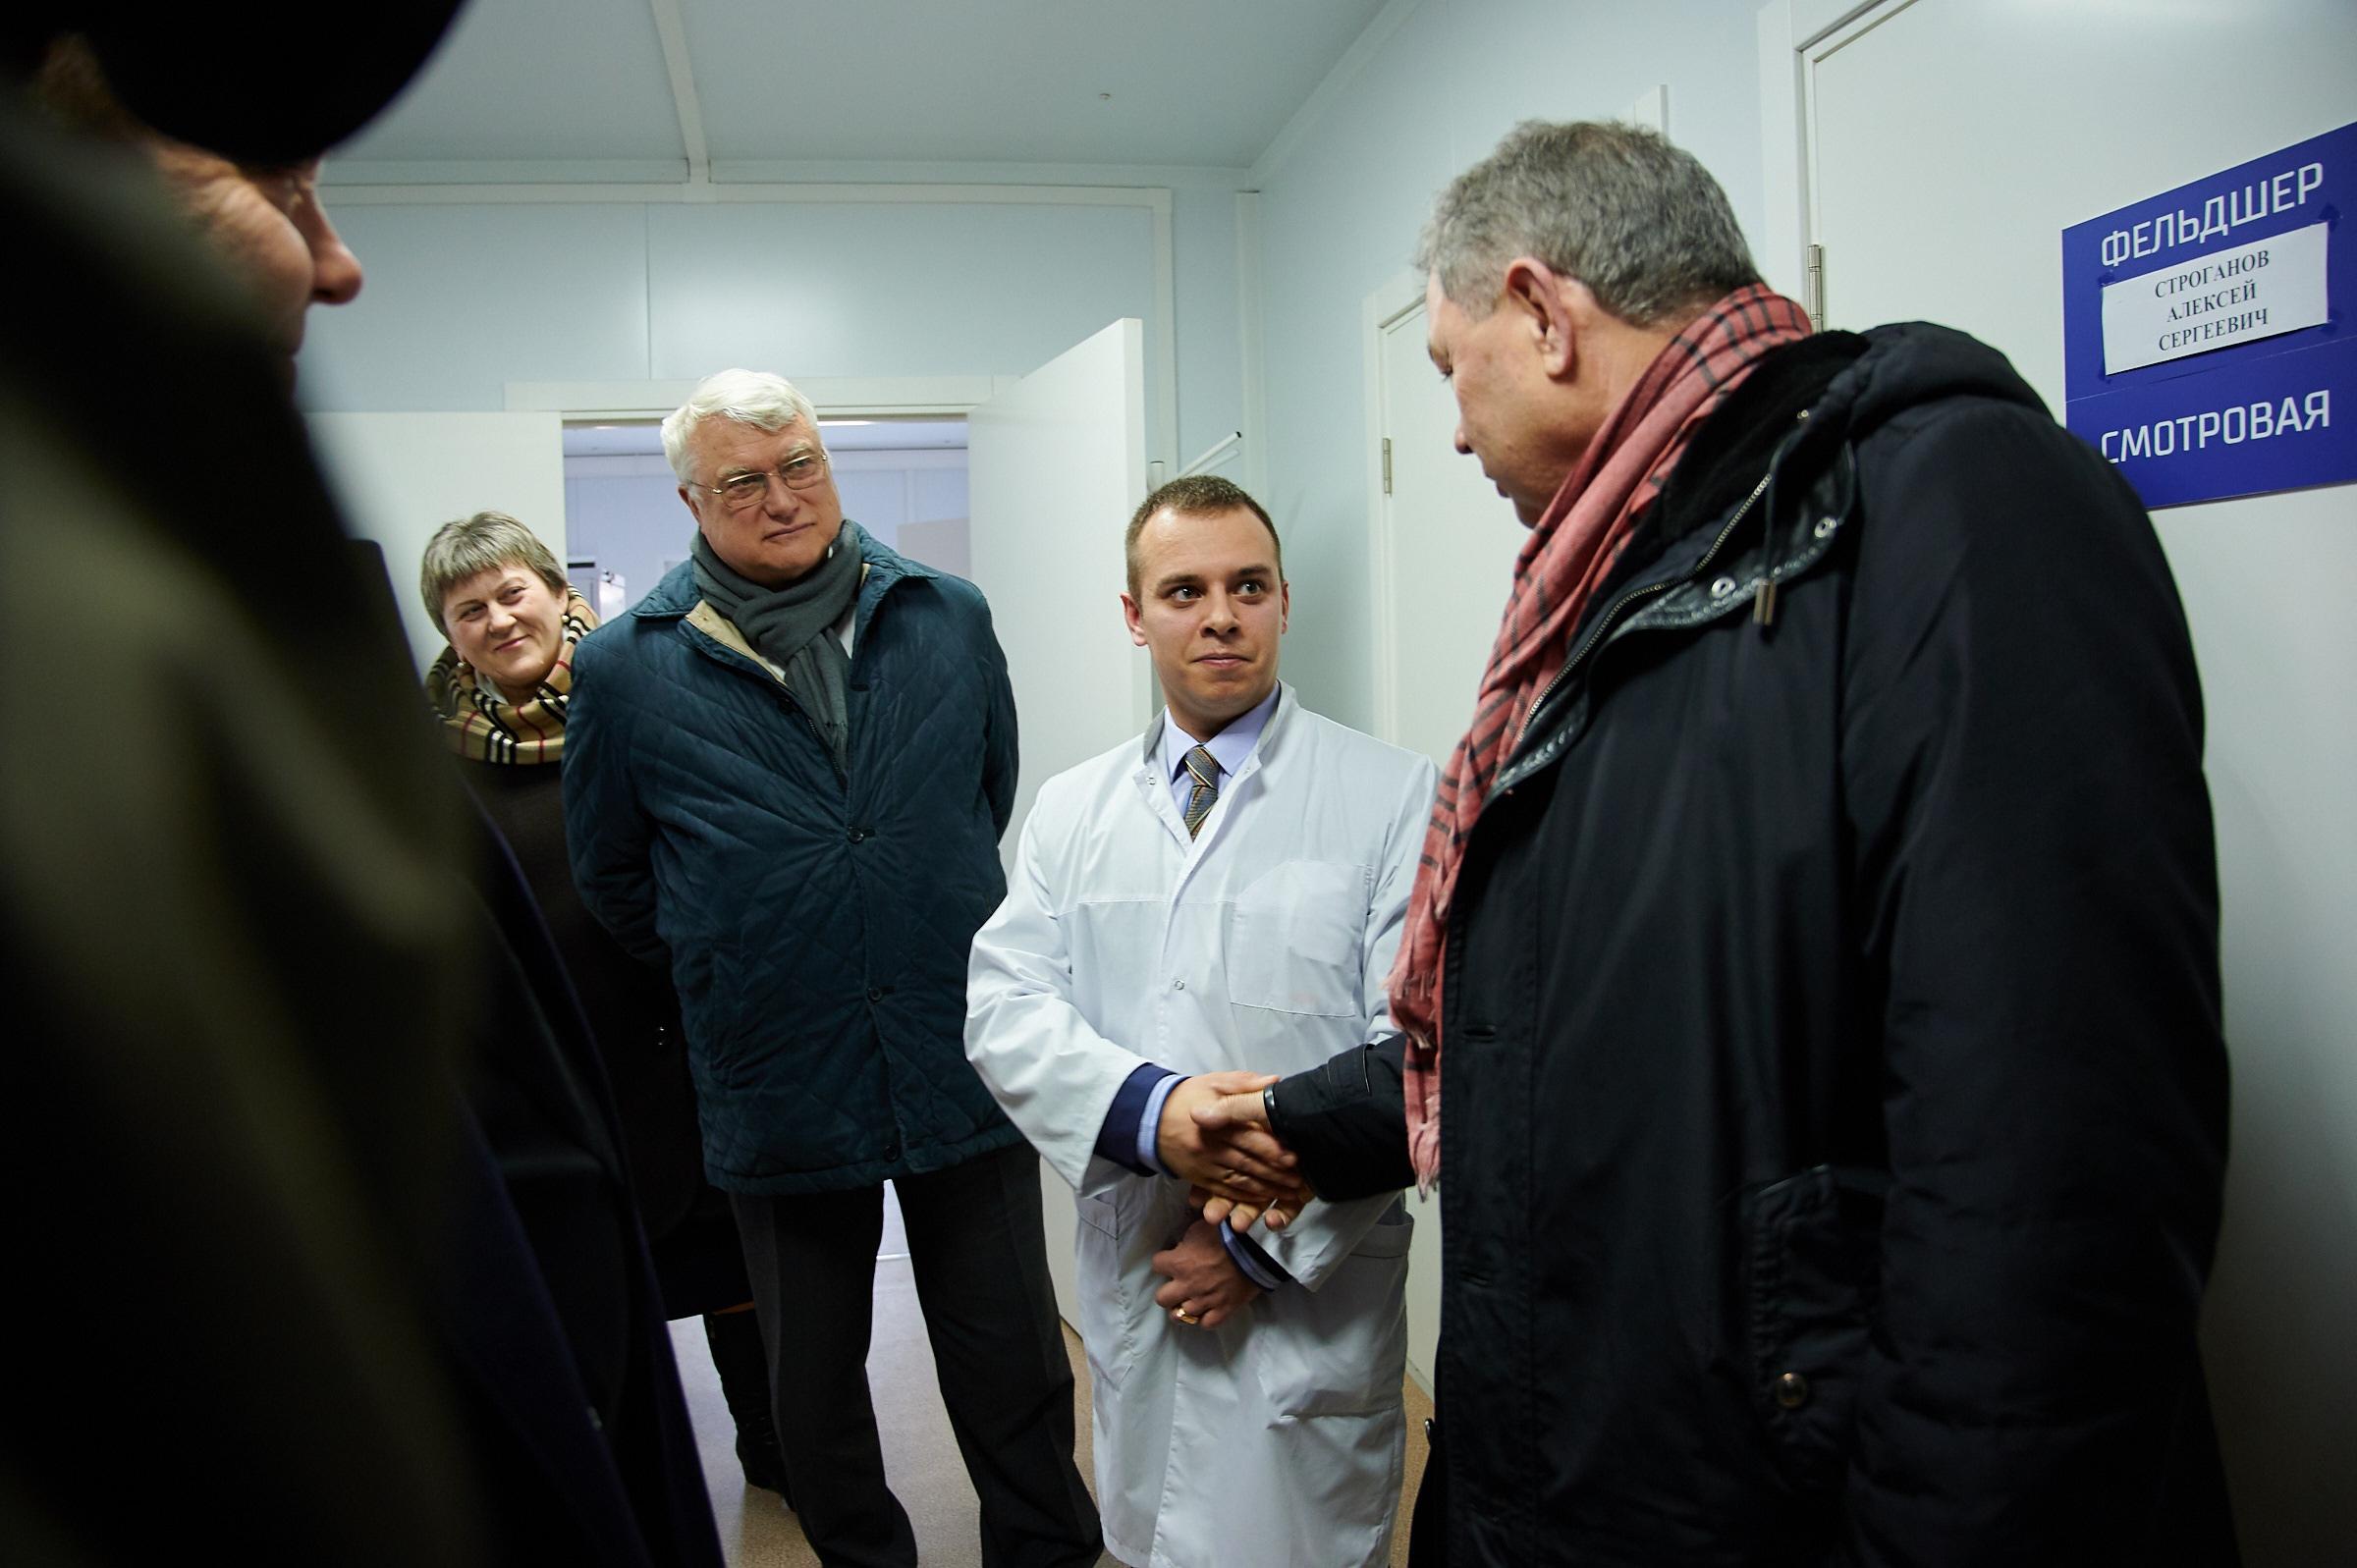 Губернатор ознакомился с ходом работ по модернизации ФАПов в Боровском районе